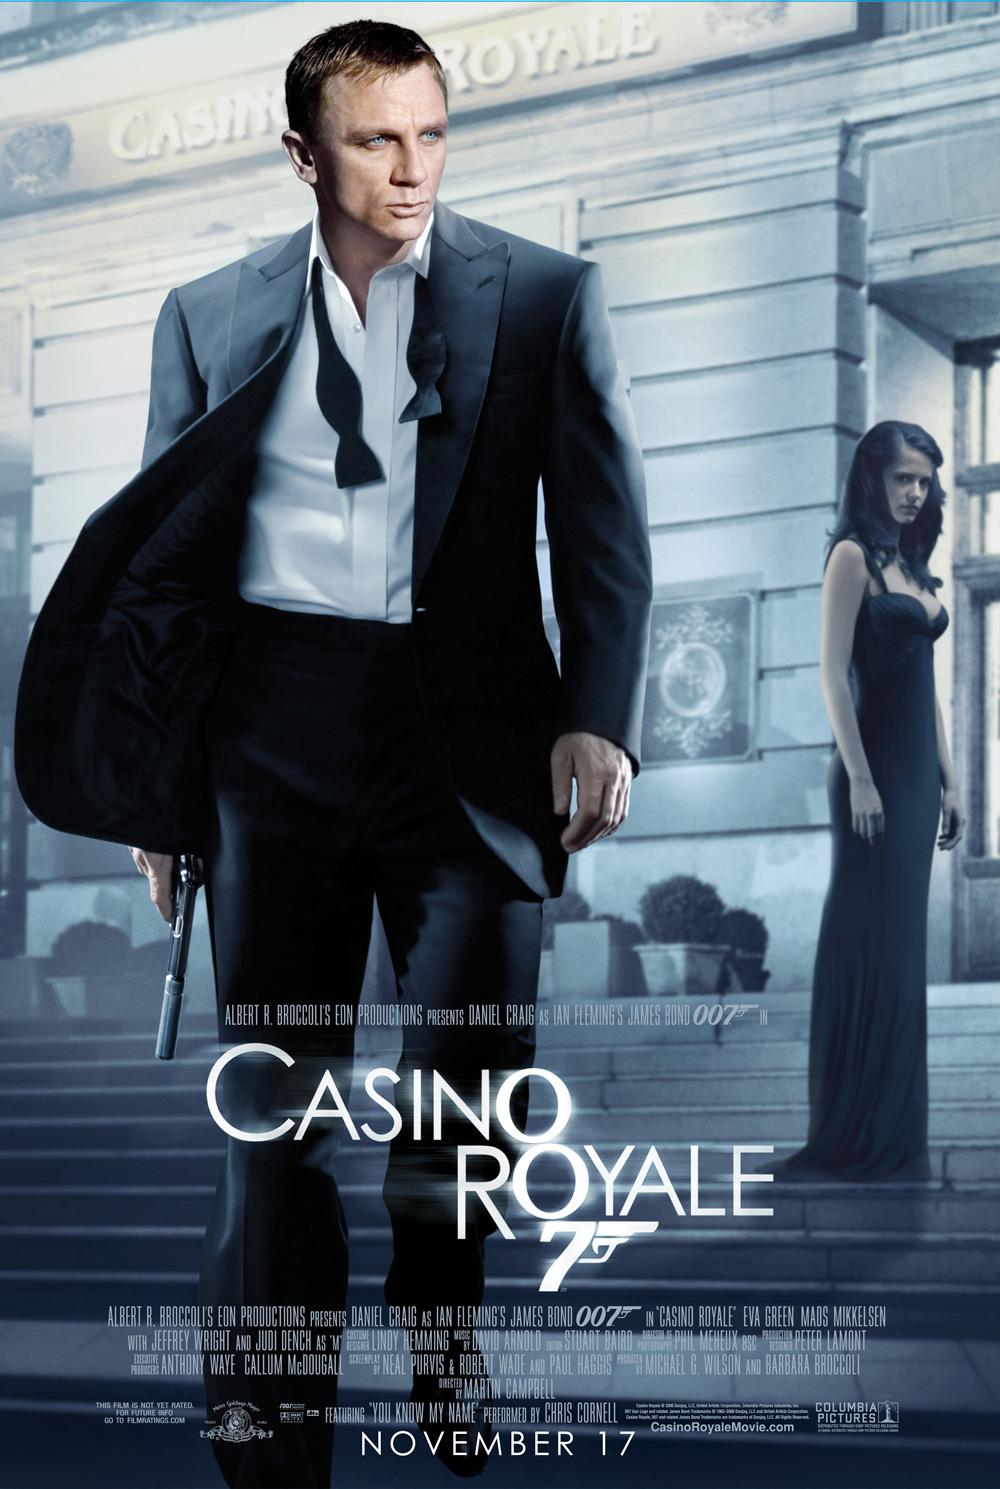 casino royale 2006 online jetztspelen.de